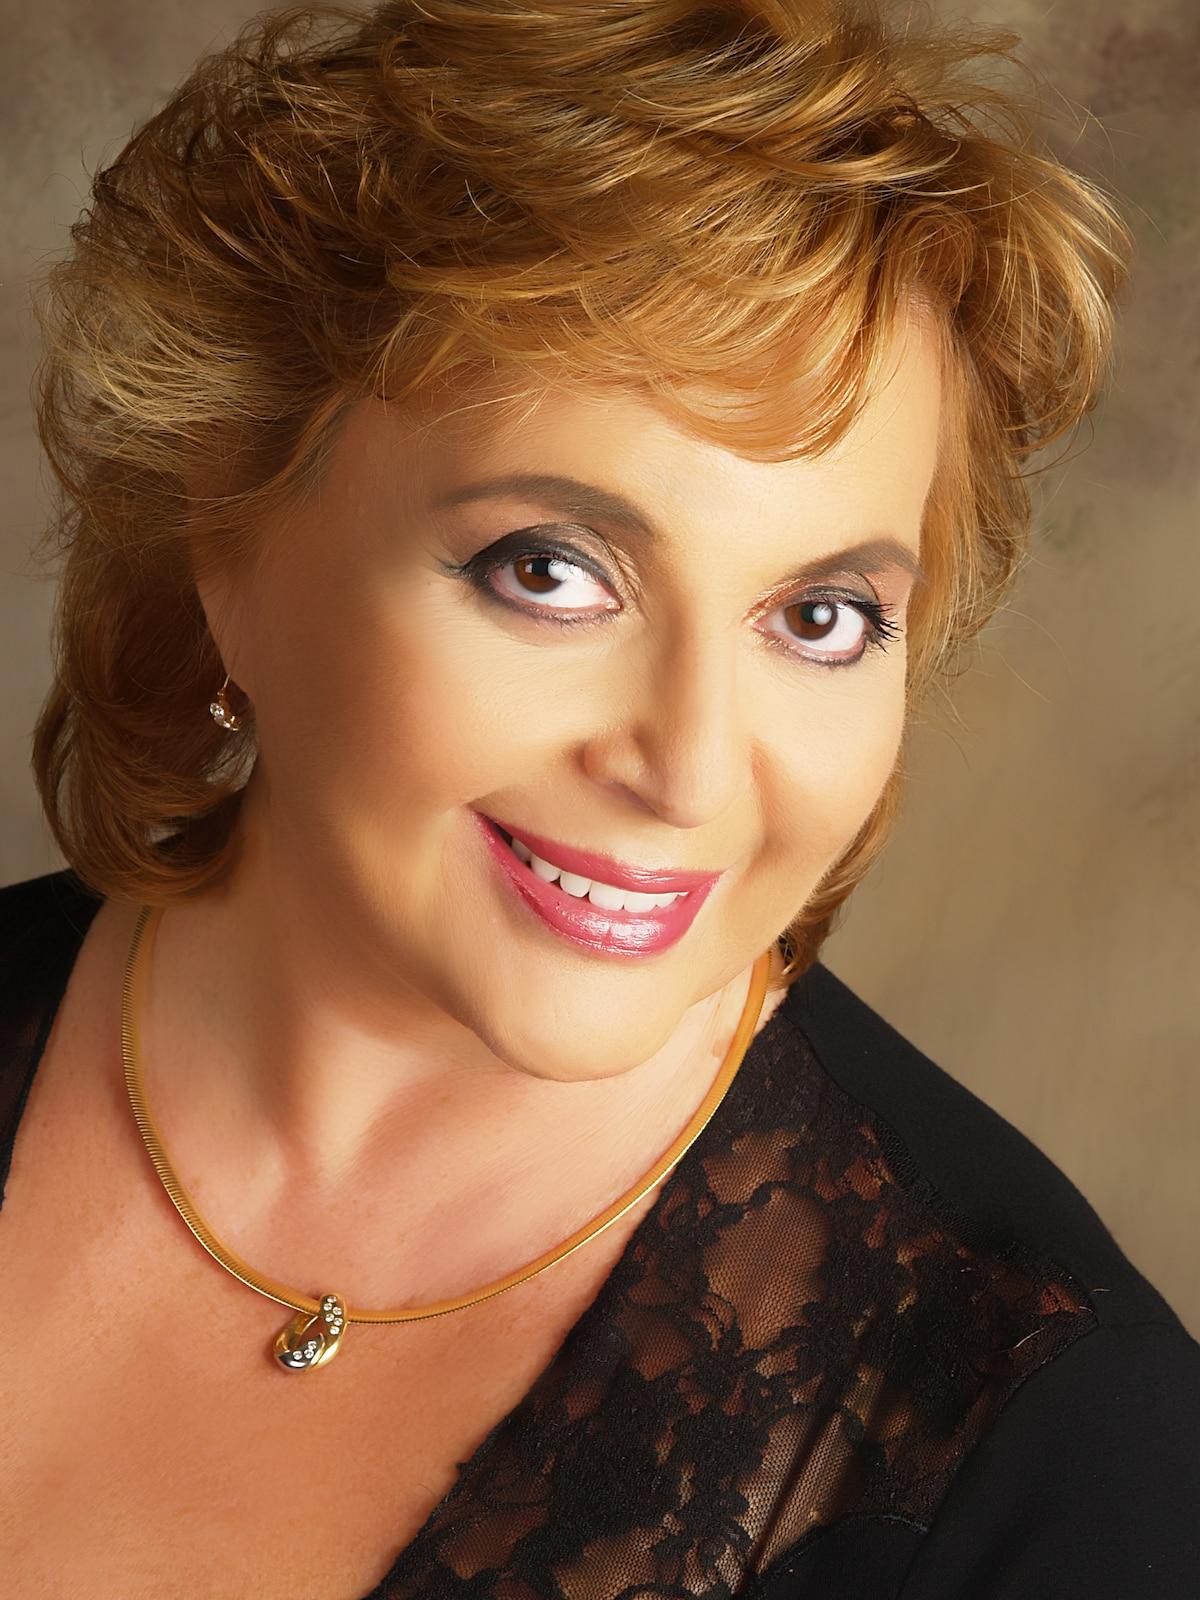 Maria Elena From Weston, FL